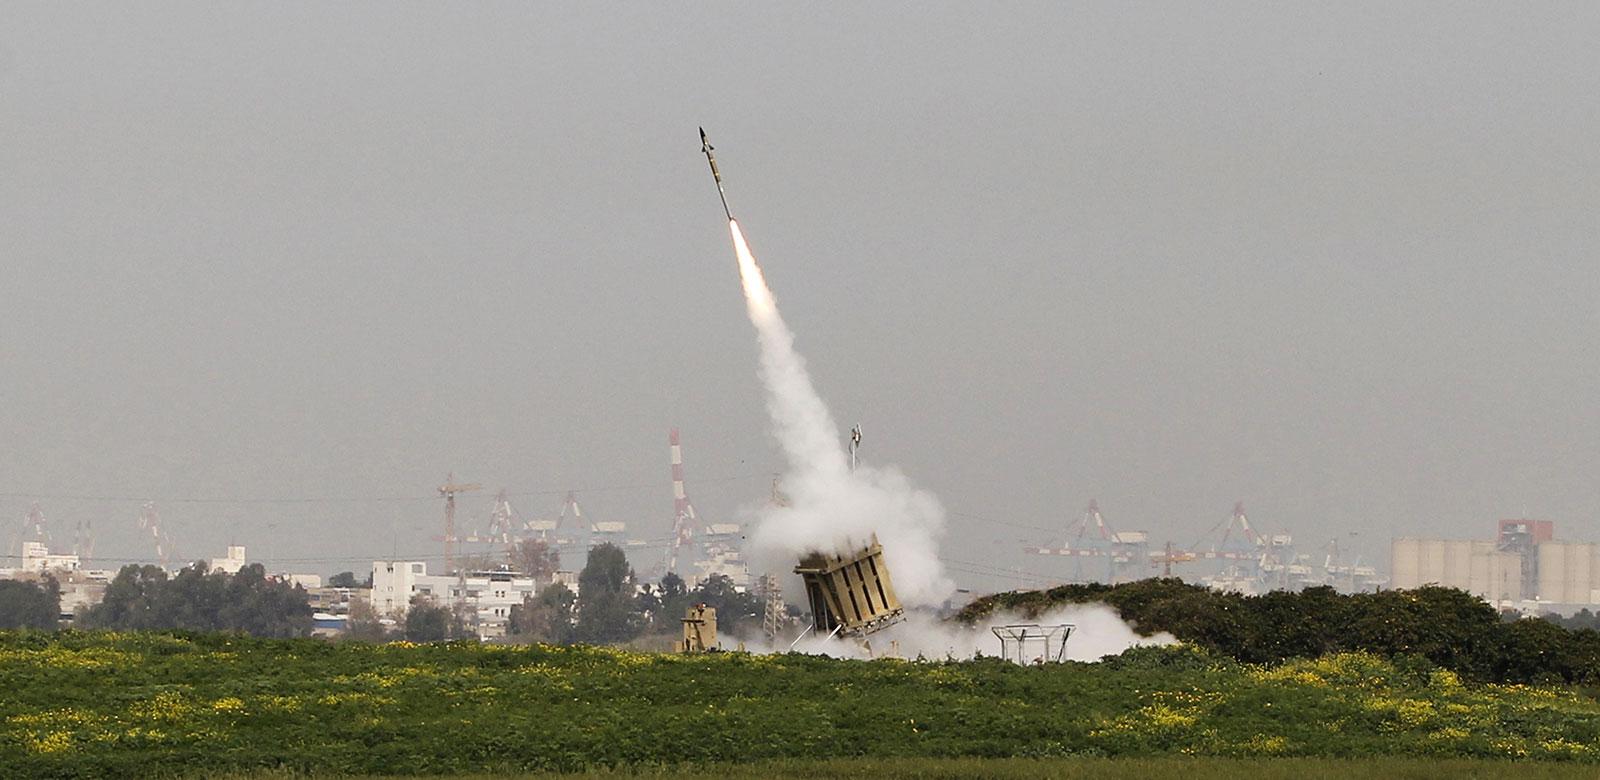 Raytheon Missiles & Defense и Rafael Advanced Defense Systems Ltd. създоха производствено съоръжение в САЩ за производство на Iron Dome